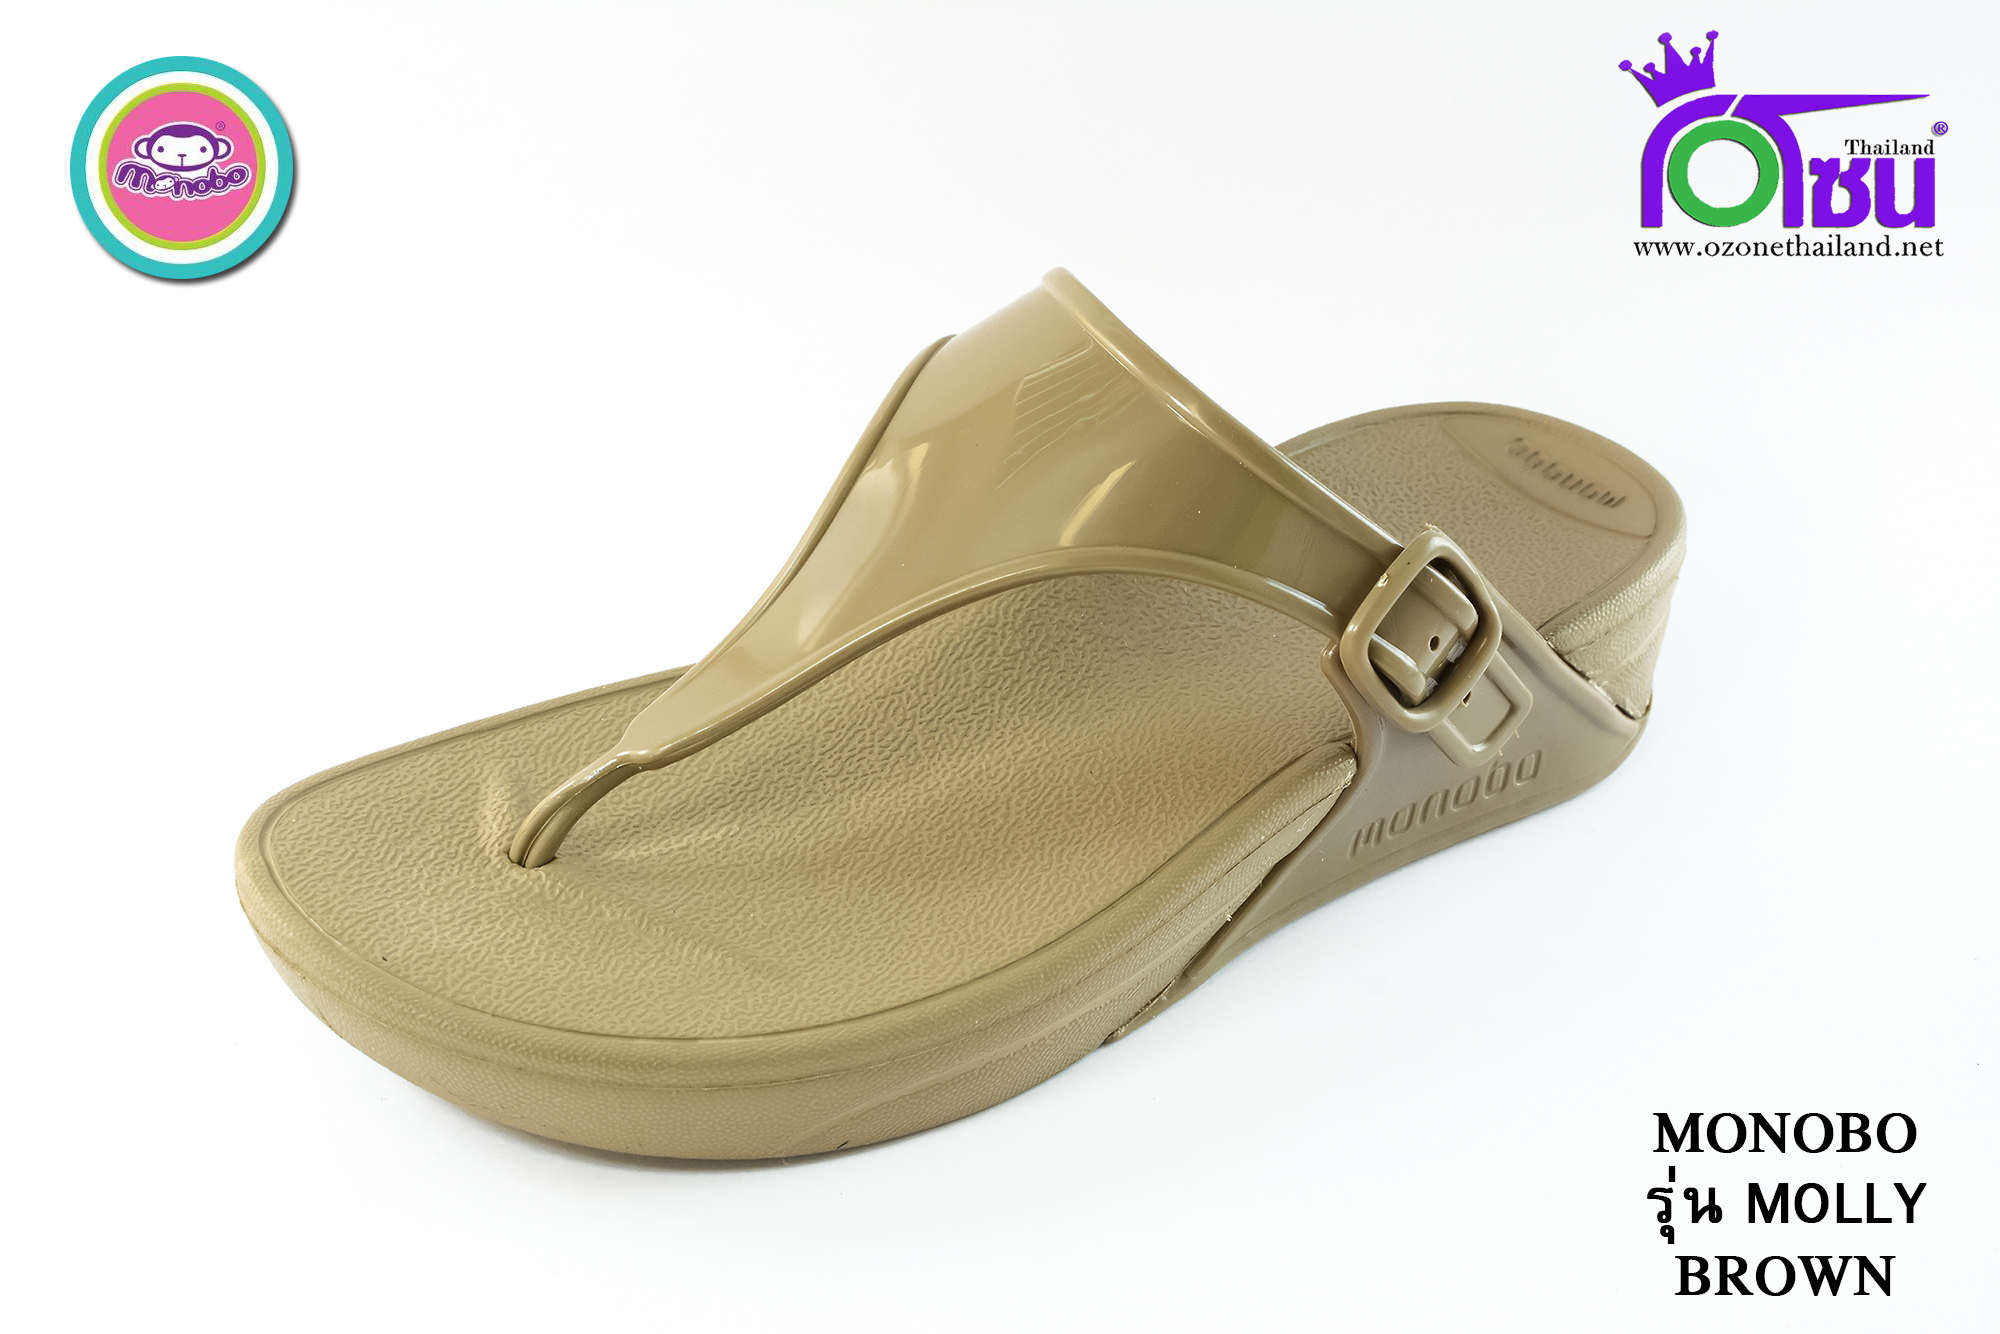 รองเท้าแตะ Monobo Molly โมโนโบ้ รุ่น มอลลี่ สีน้ำตาล เบอร์ 5-8